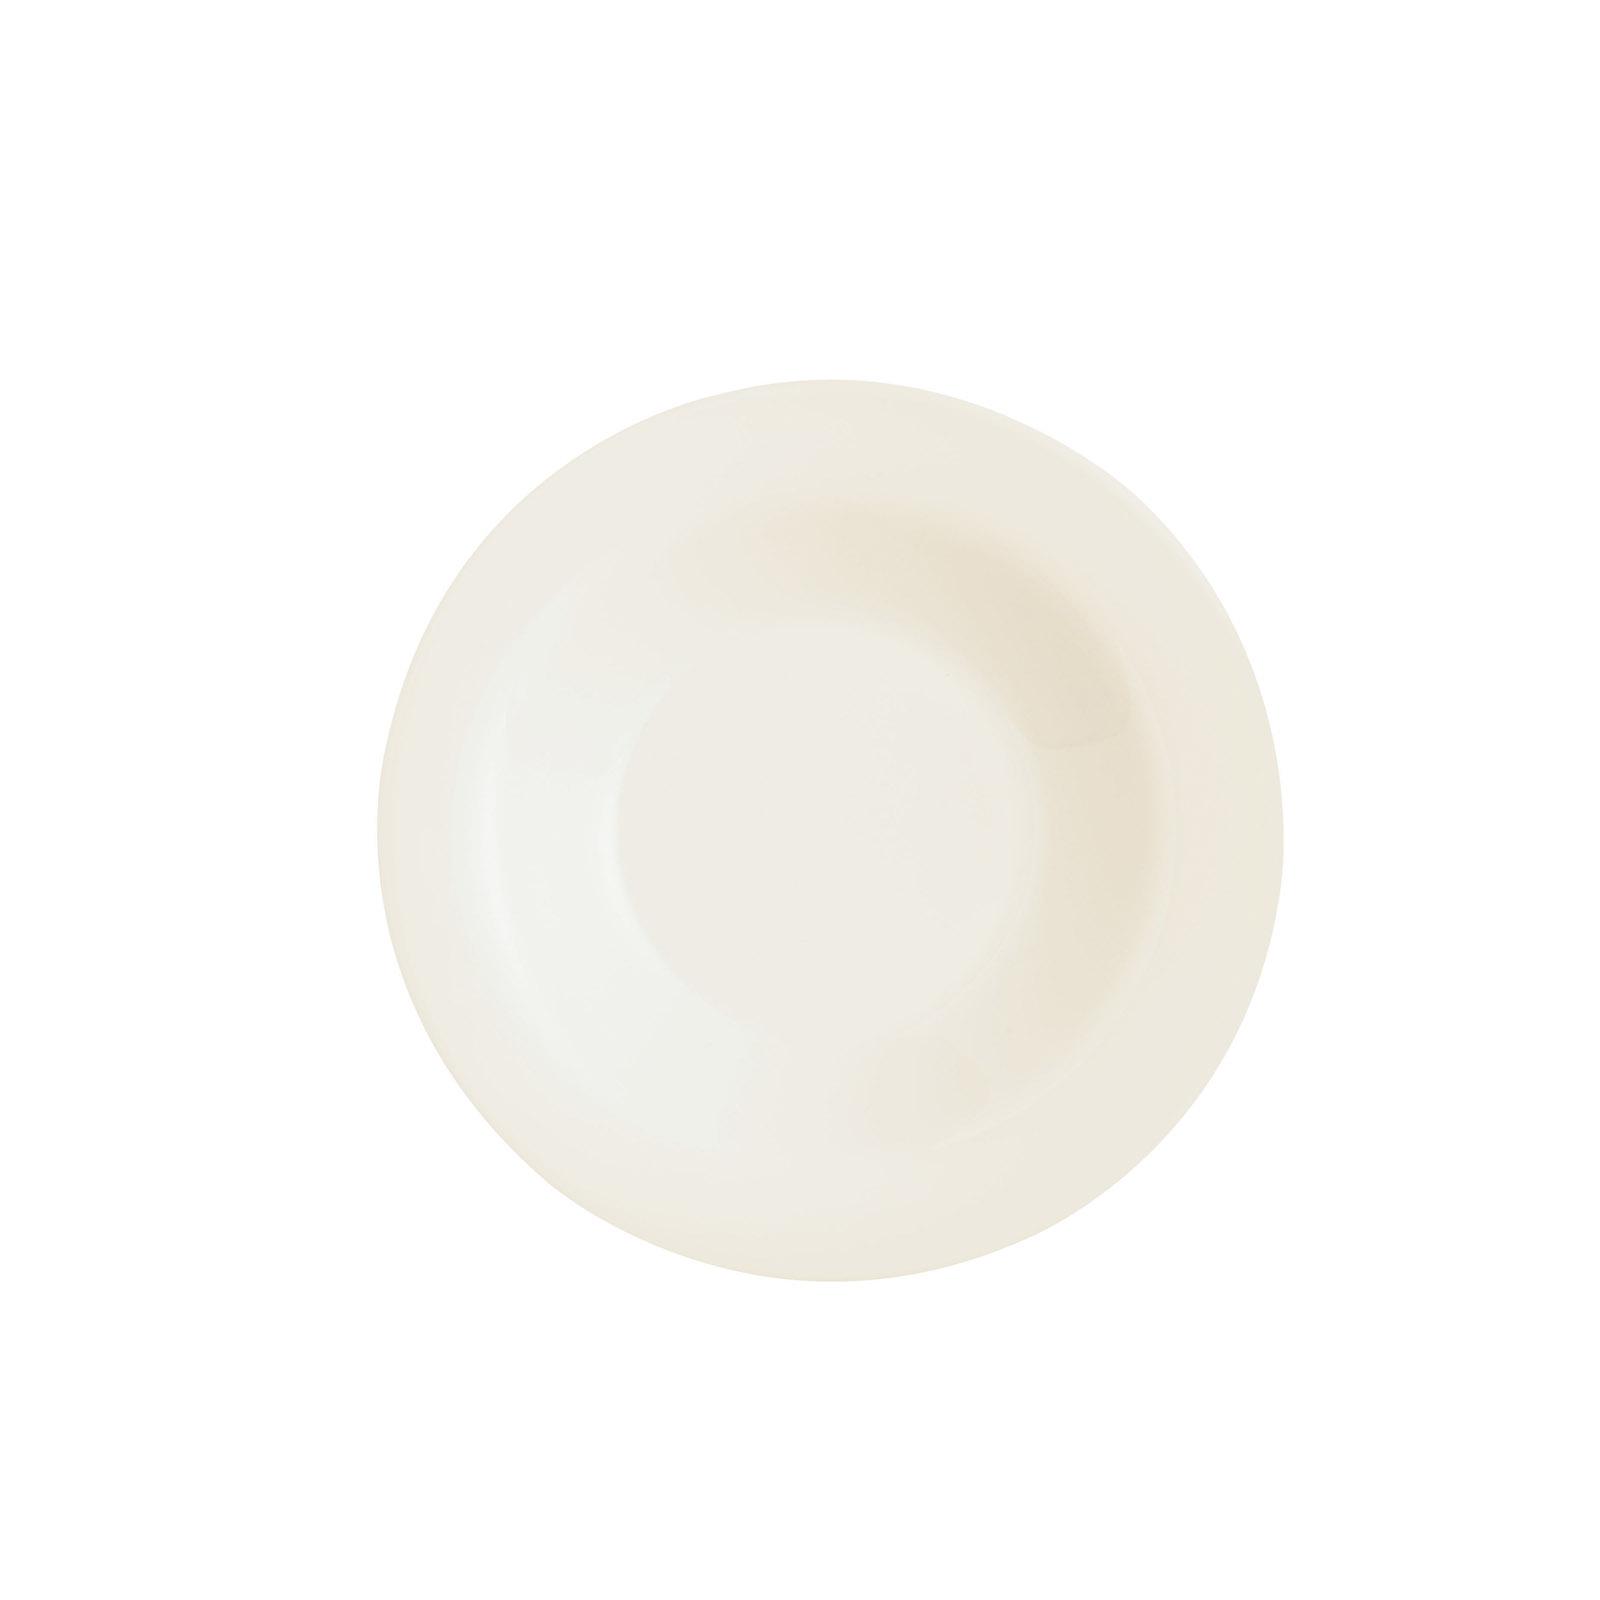 Cardinal G4396 china, bowl,  9 - 16 oz